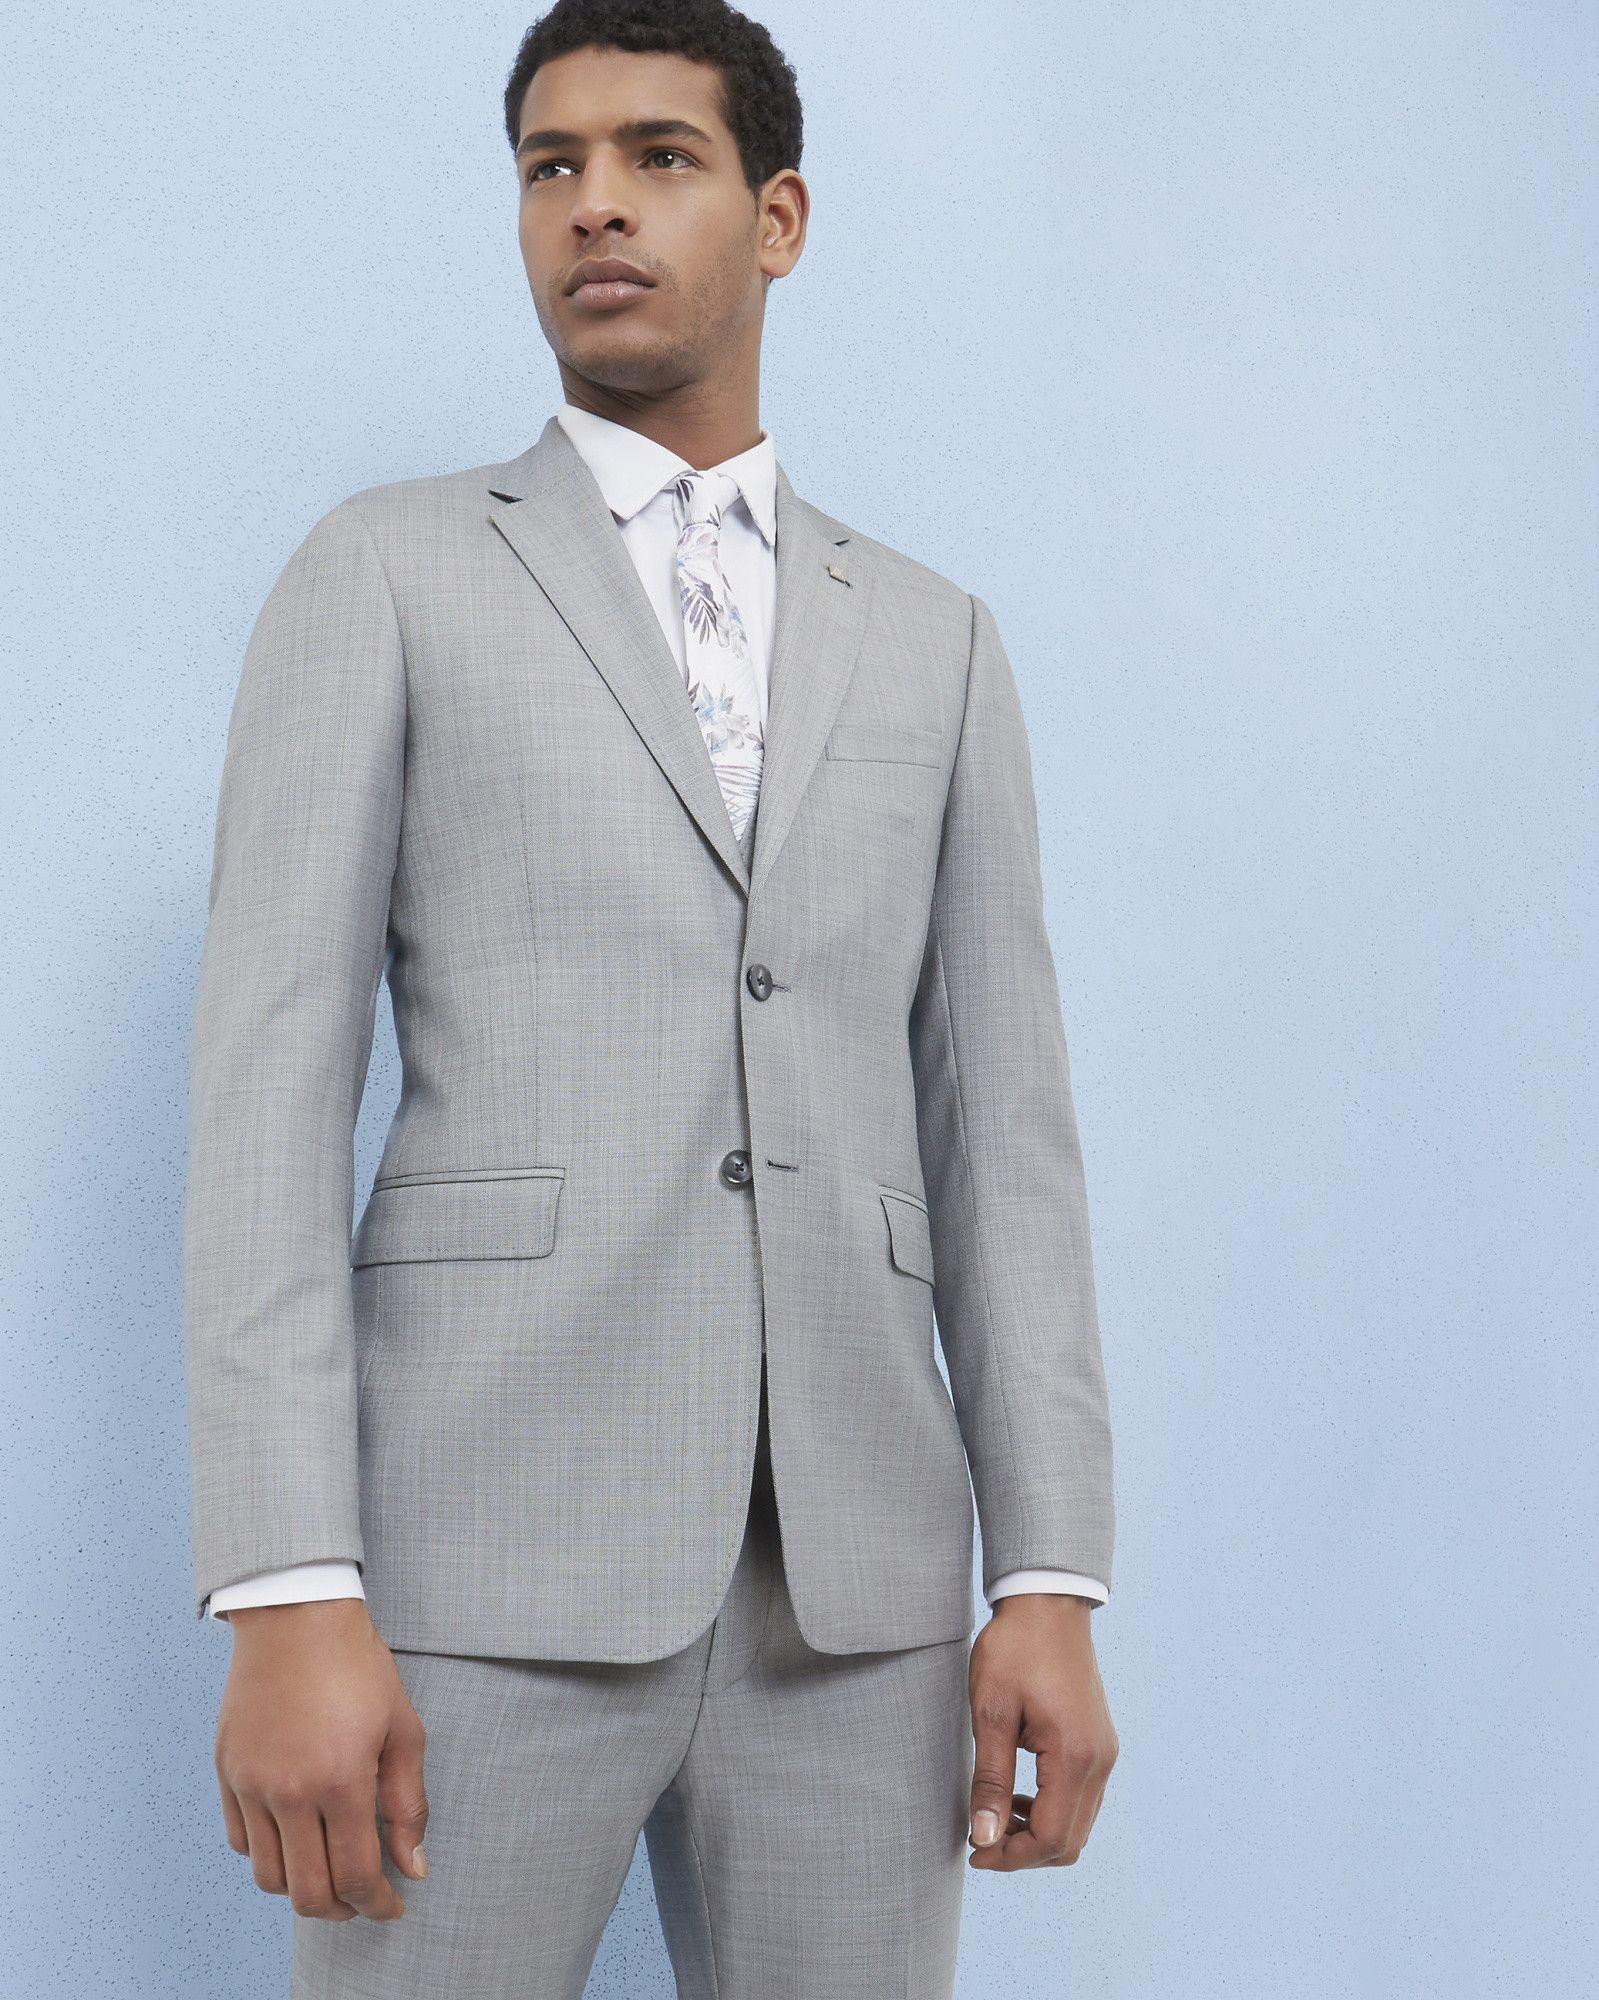 451d2393cc59 Debonair wool jacket - Light Gray